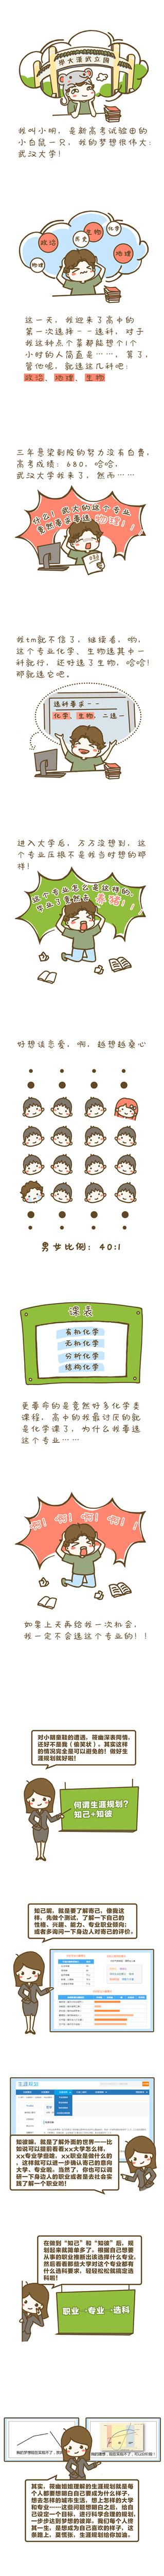 生涯规划有什么意义(无标题)_副本.jpg